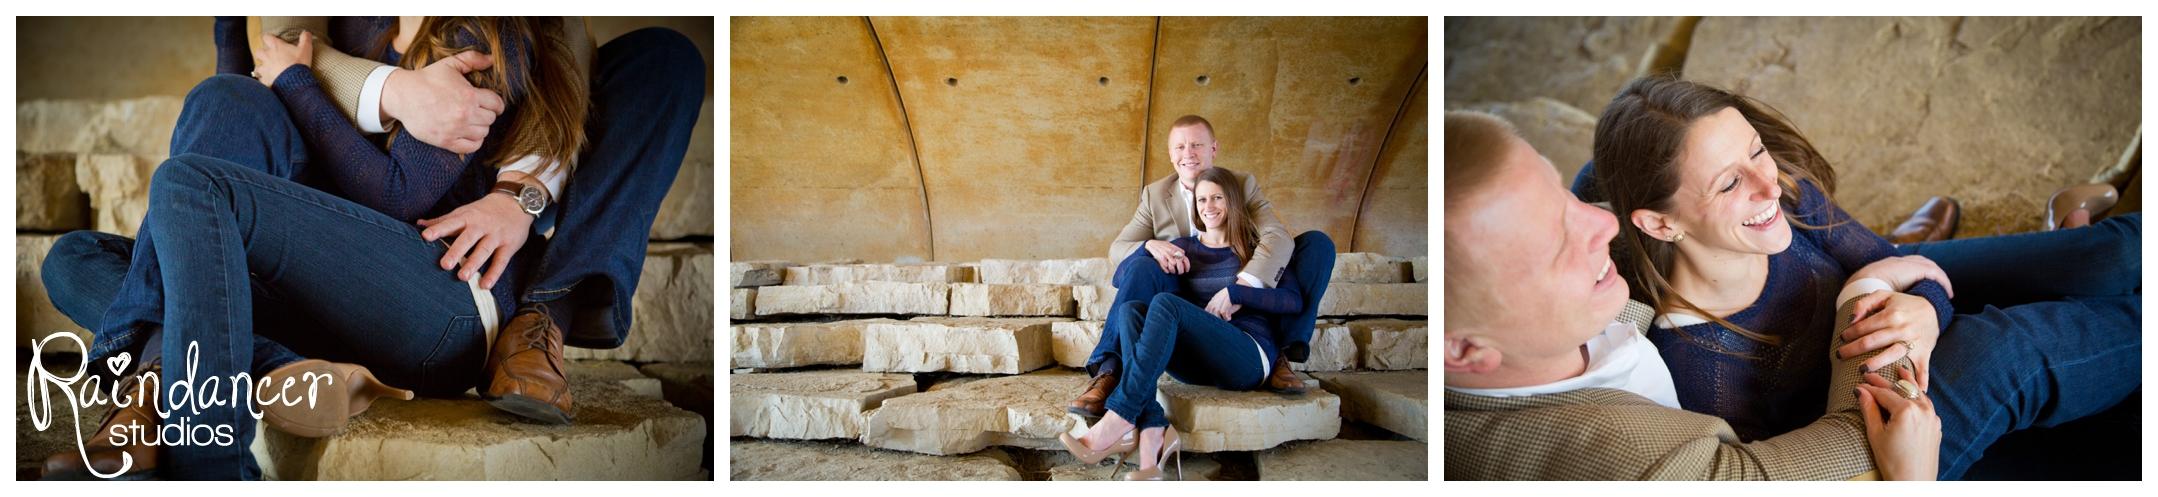 Indianapolis Engagement Photographer, Indianapolis wedding photographer, Indianapolis wedding and engagement photography